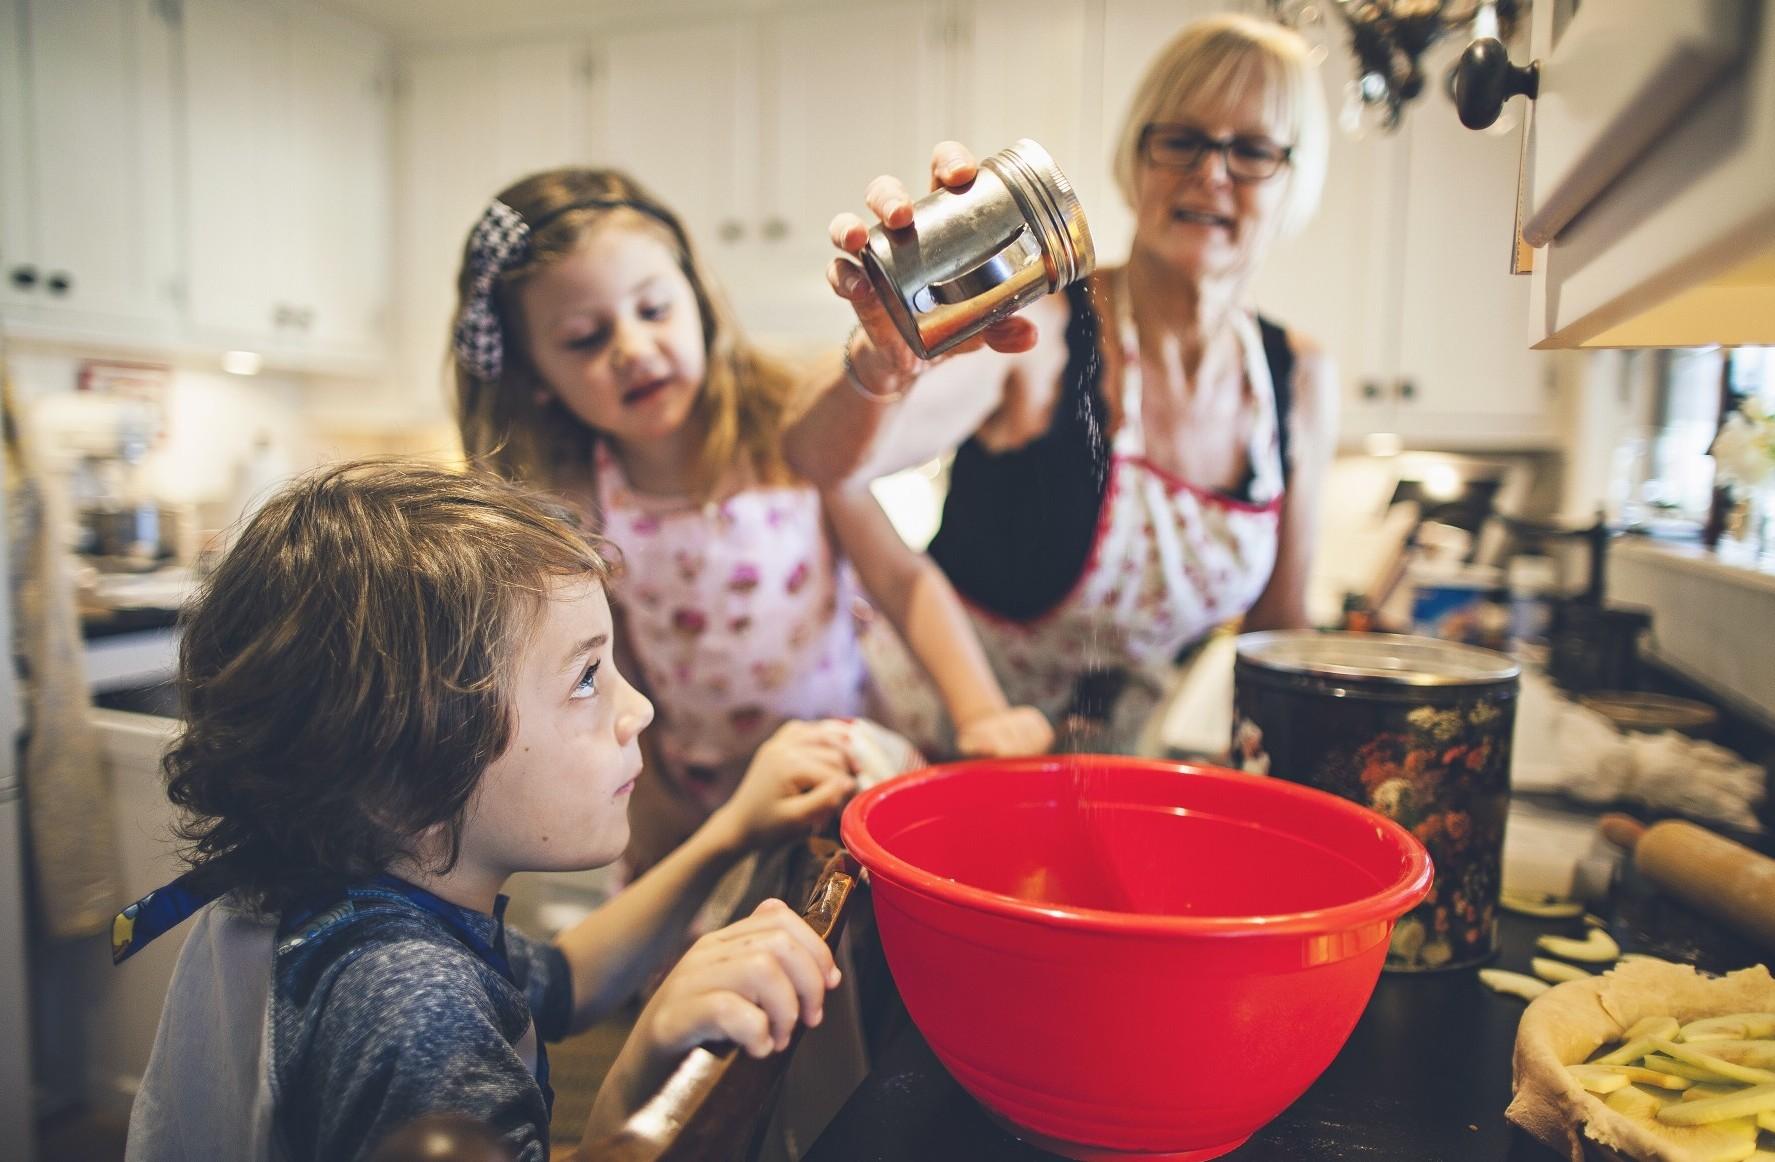 Come funziona congedo familiare per coronavirus nuovo ufficiale in Decreto Maggio 2020